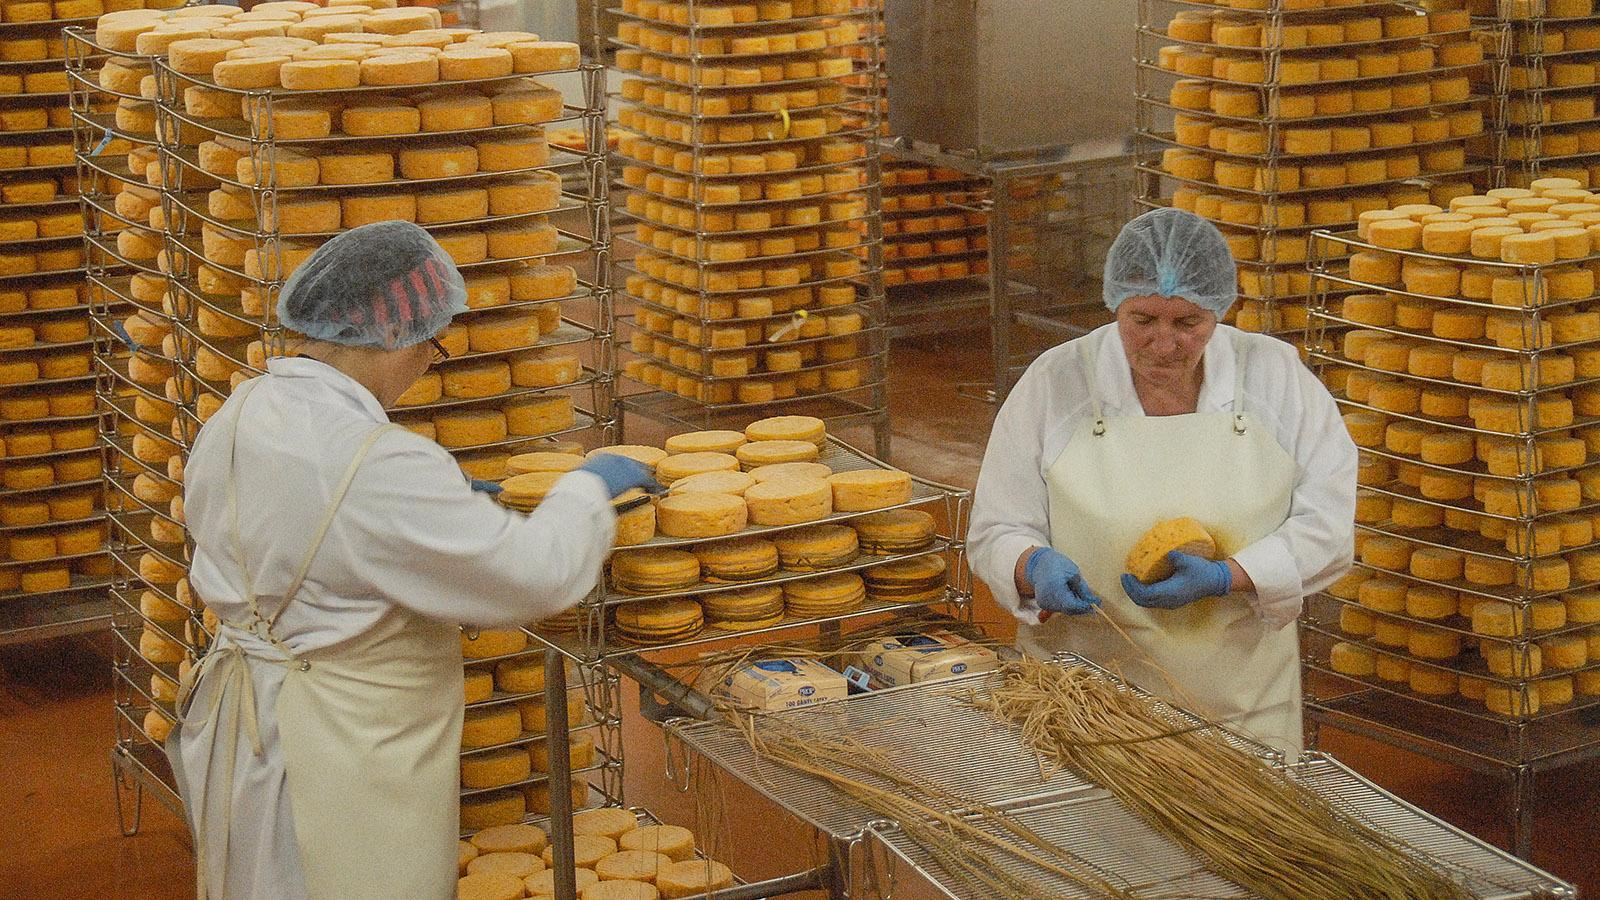 """Produktion des AOC """"Livarot"""" bei Graindorge. Foto: Hilke Maunder"""